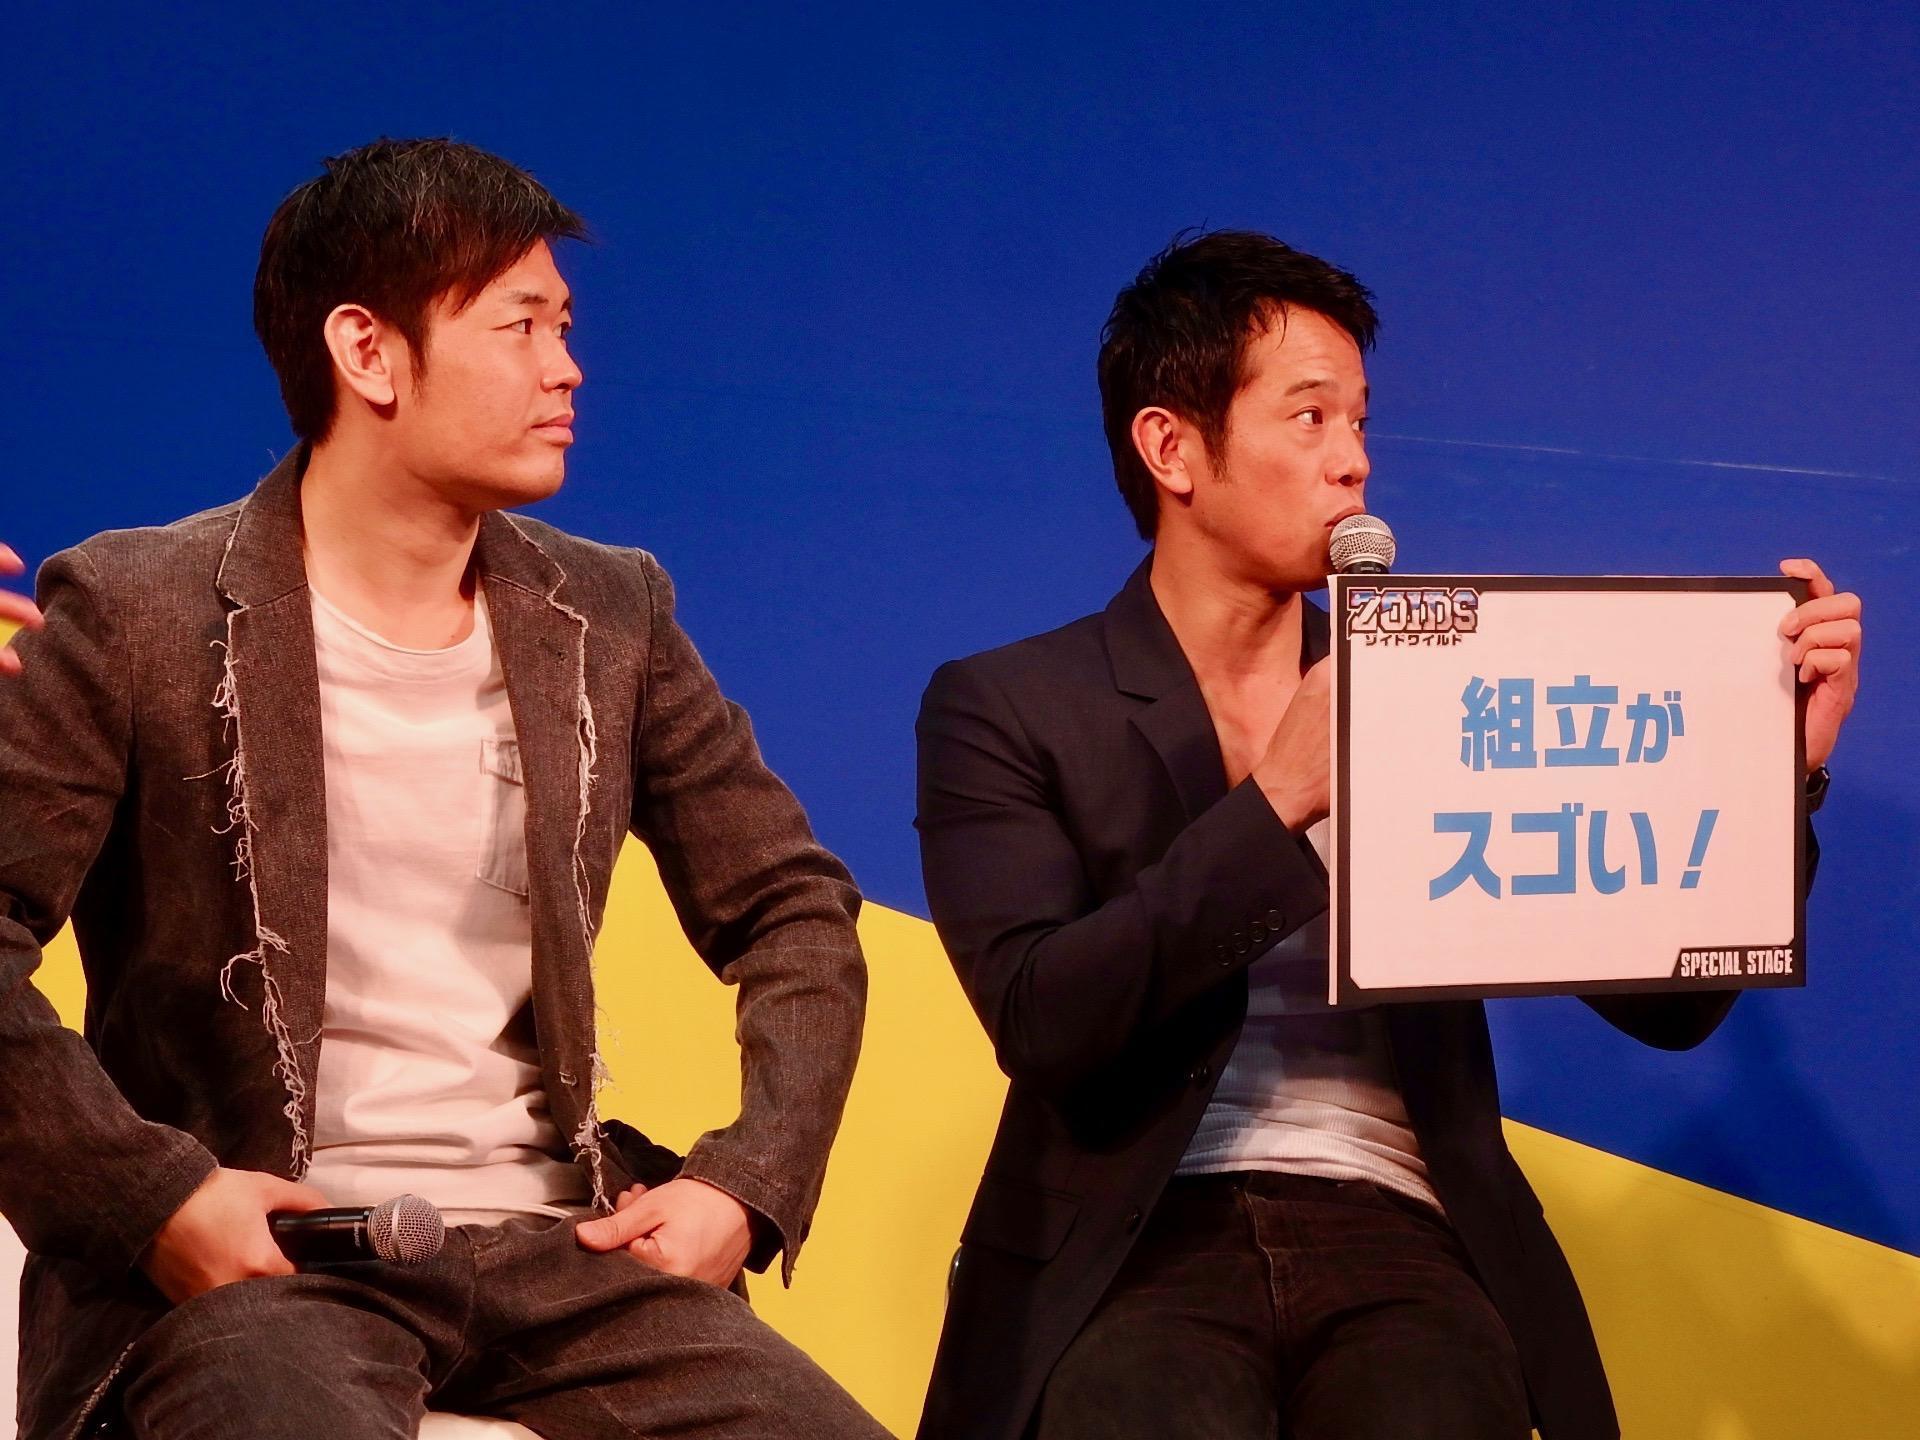 http://news.yoshimoto.co.jp/20180608120243-aff0a915ec9623b0ac1152157f22409d74759e9c.jpg